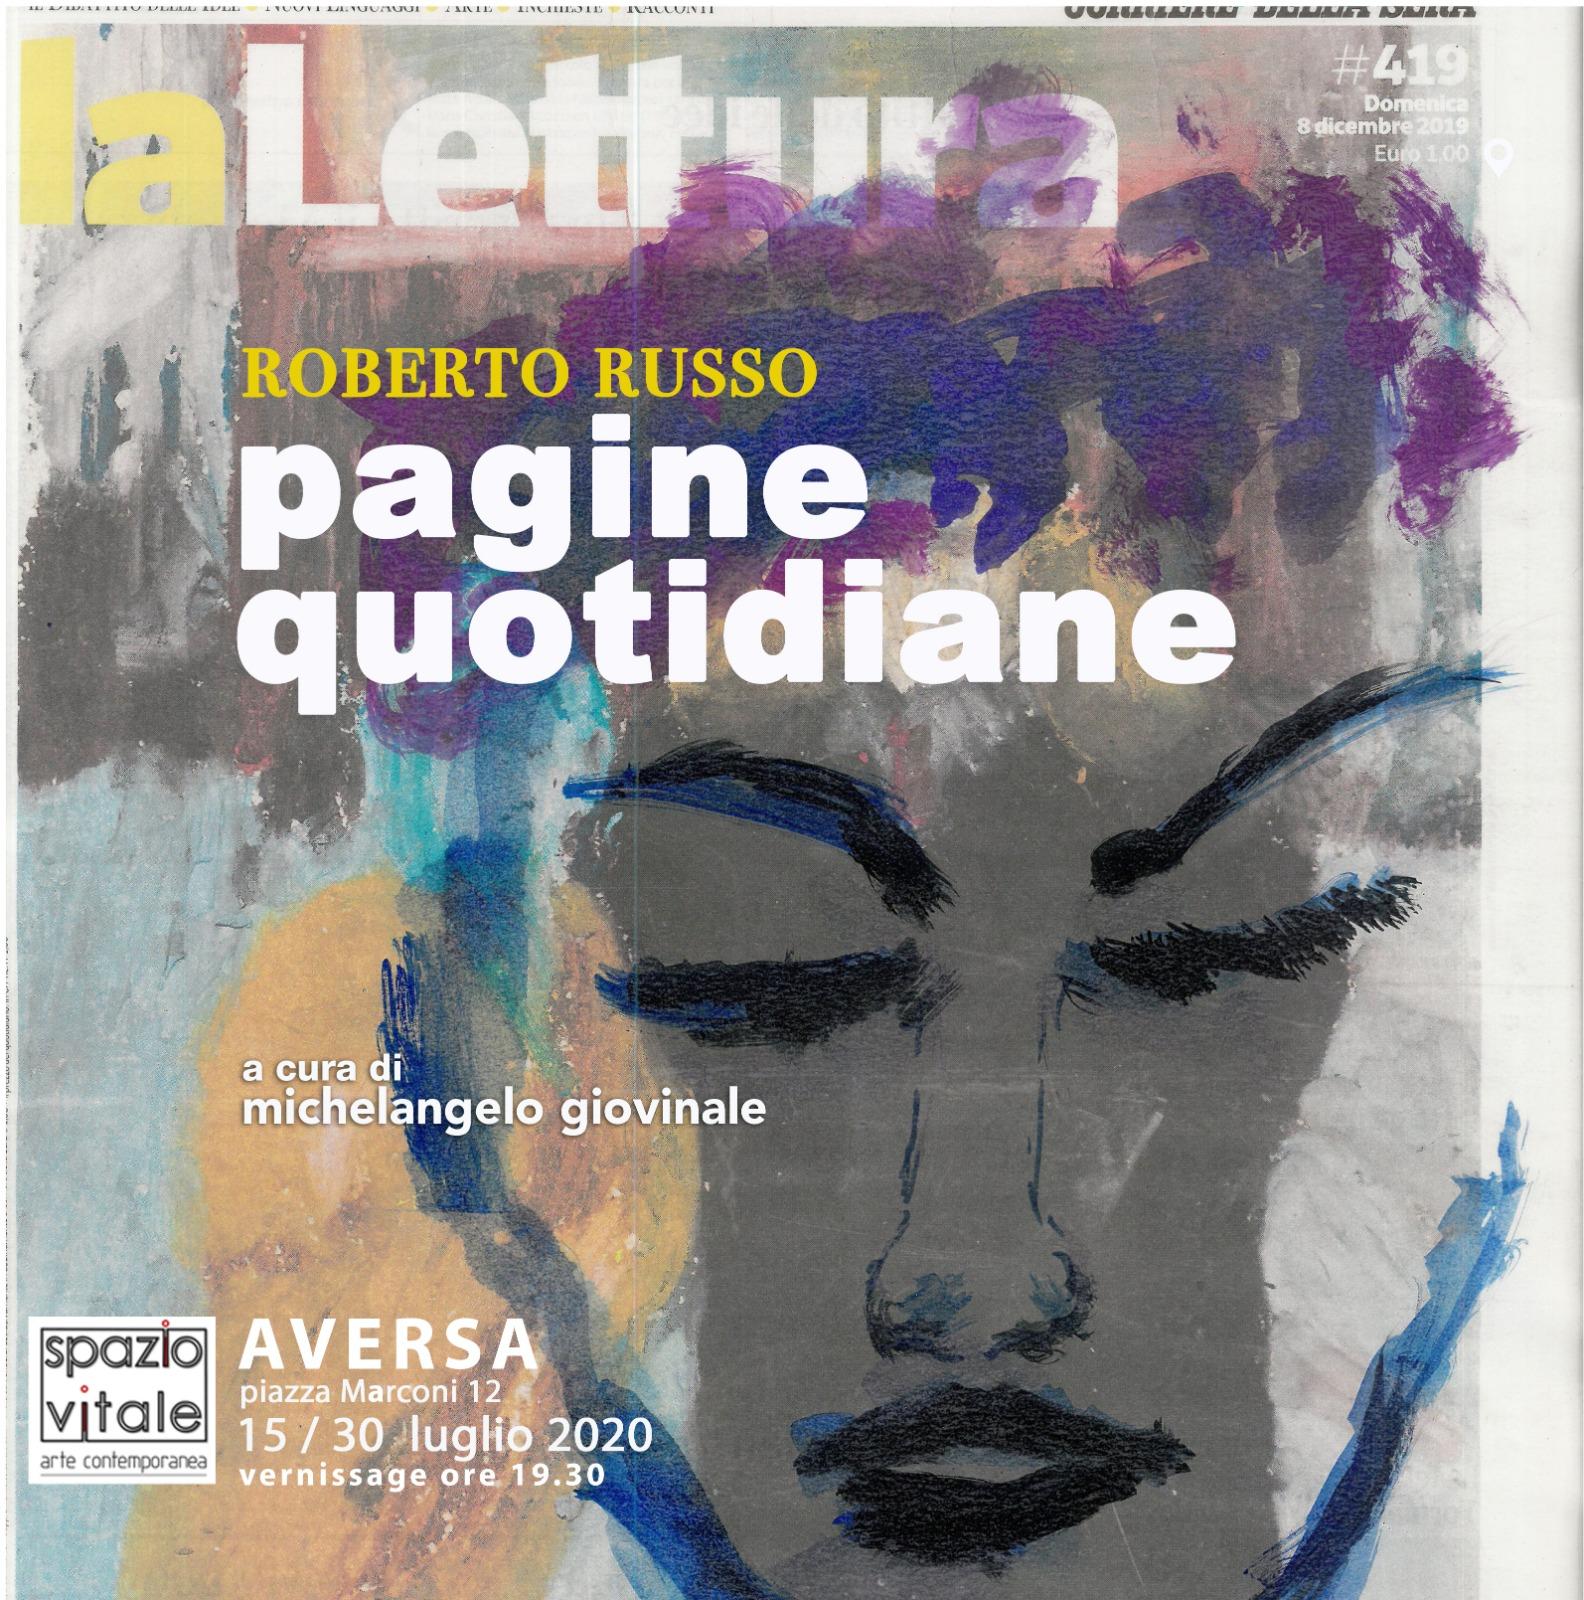 Pagine quotidiane  opere di Roberto Russo